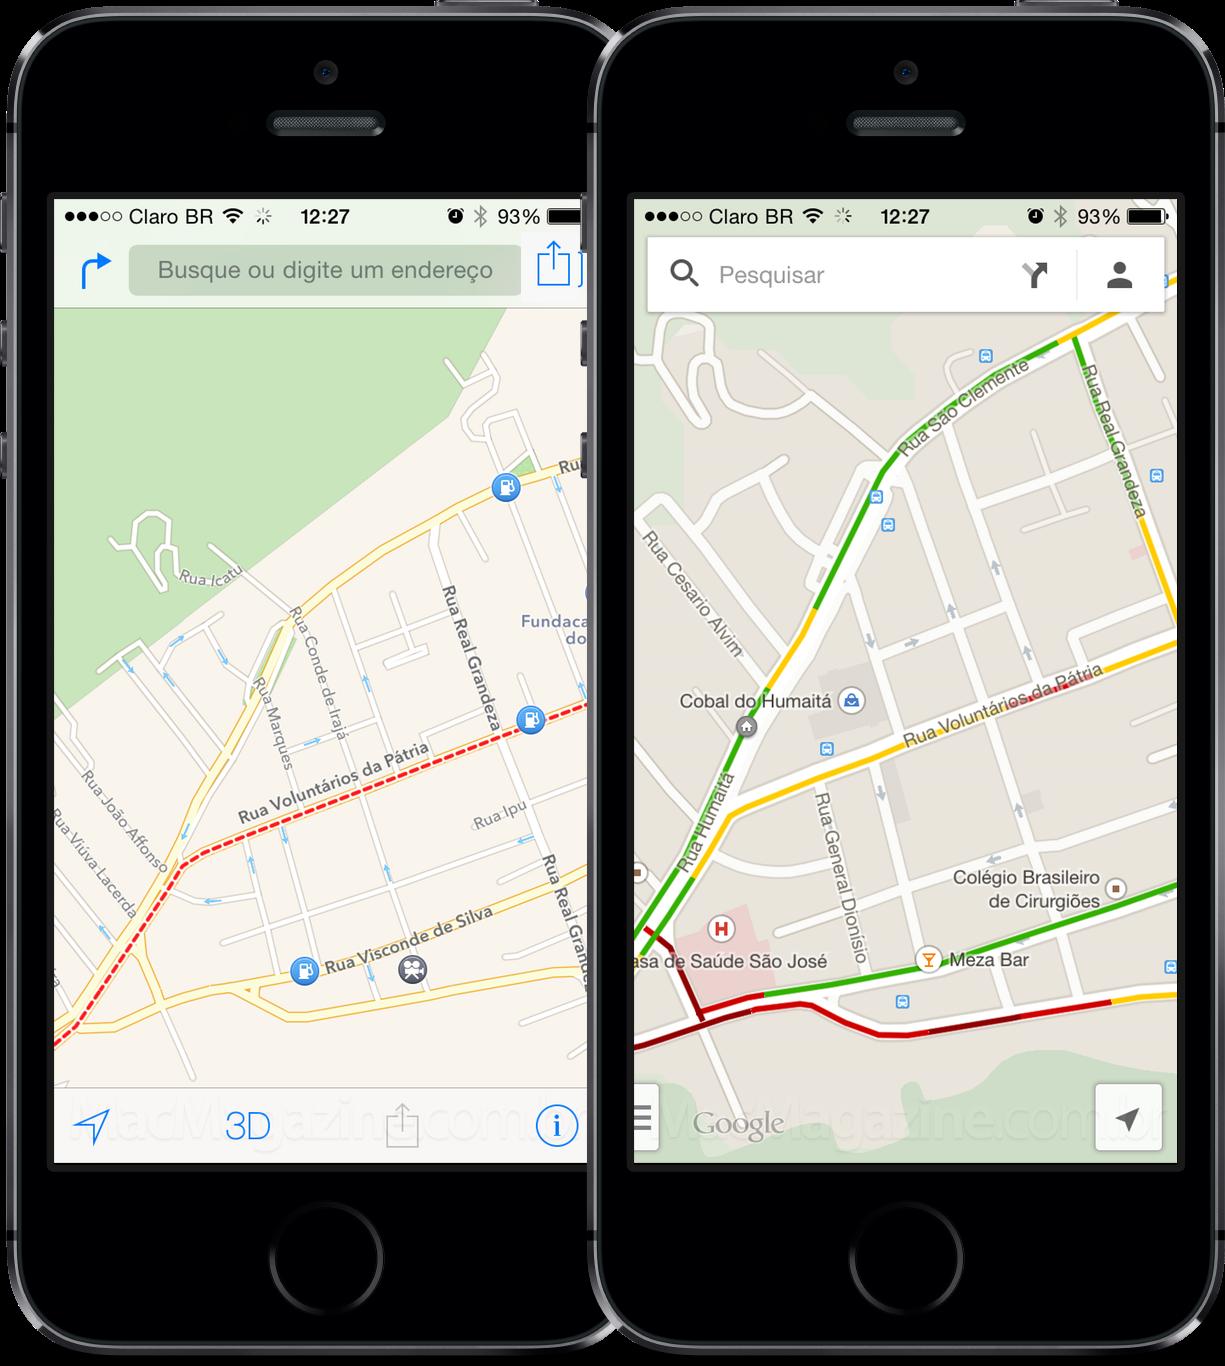 Tráfego - Mapas da Apple e Google Maps